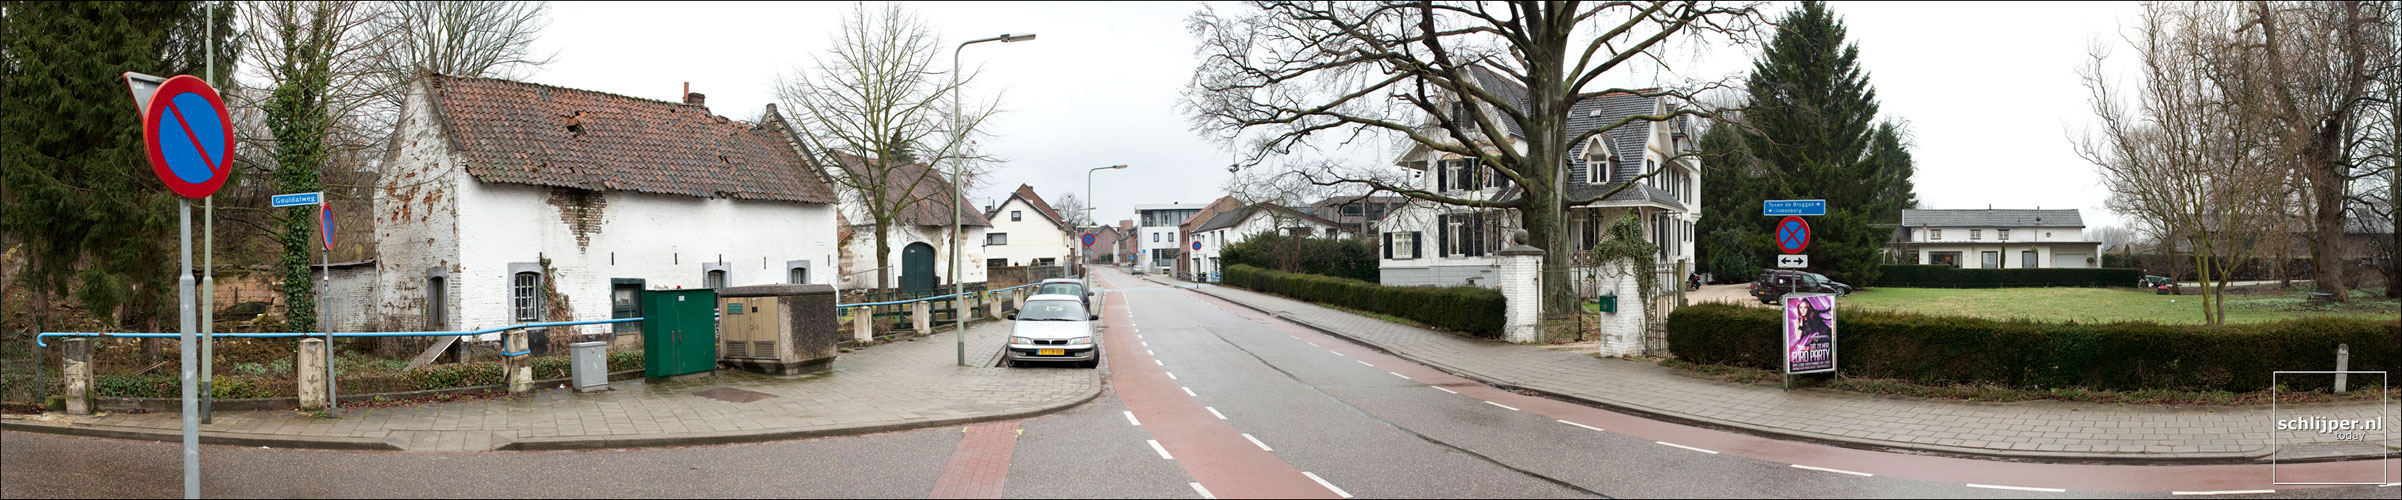 Nederland, Meerssen, 21 maart 2010